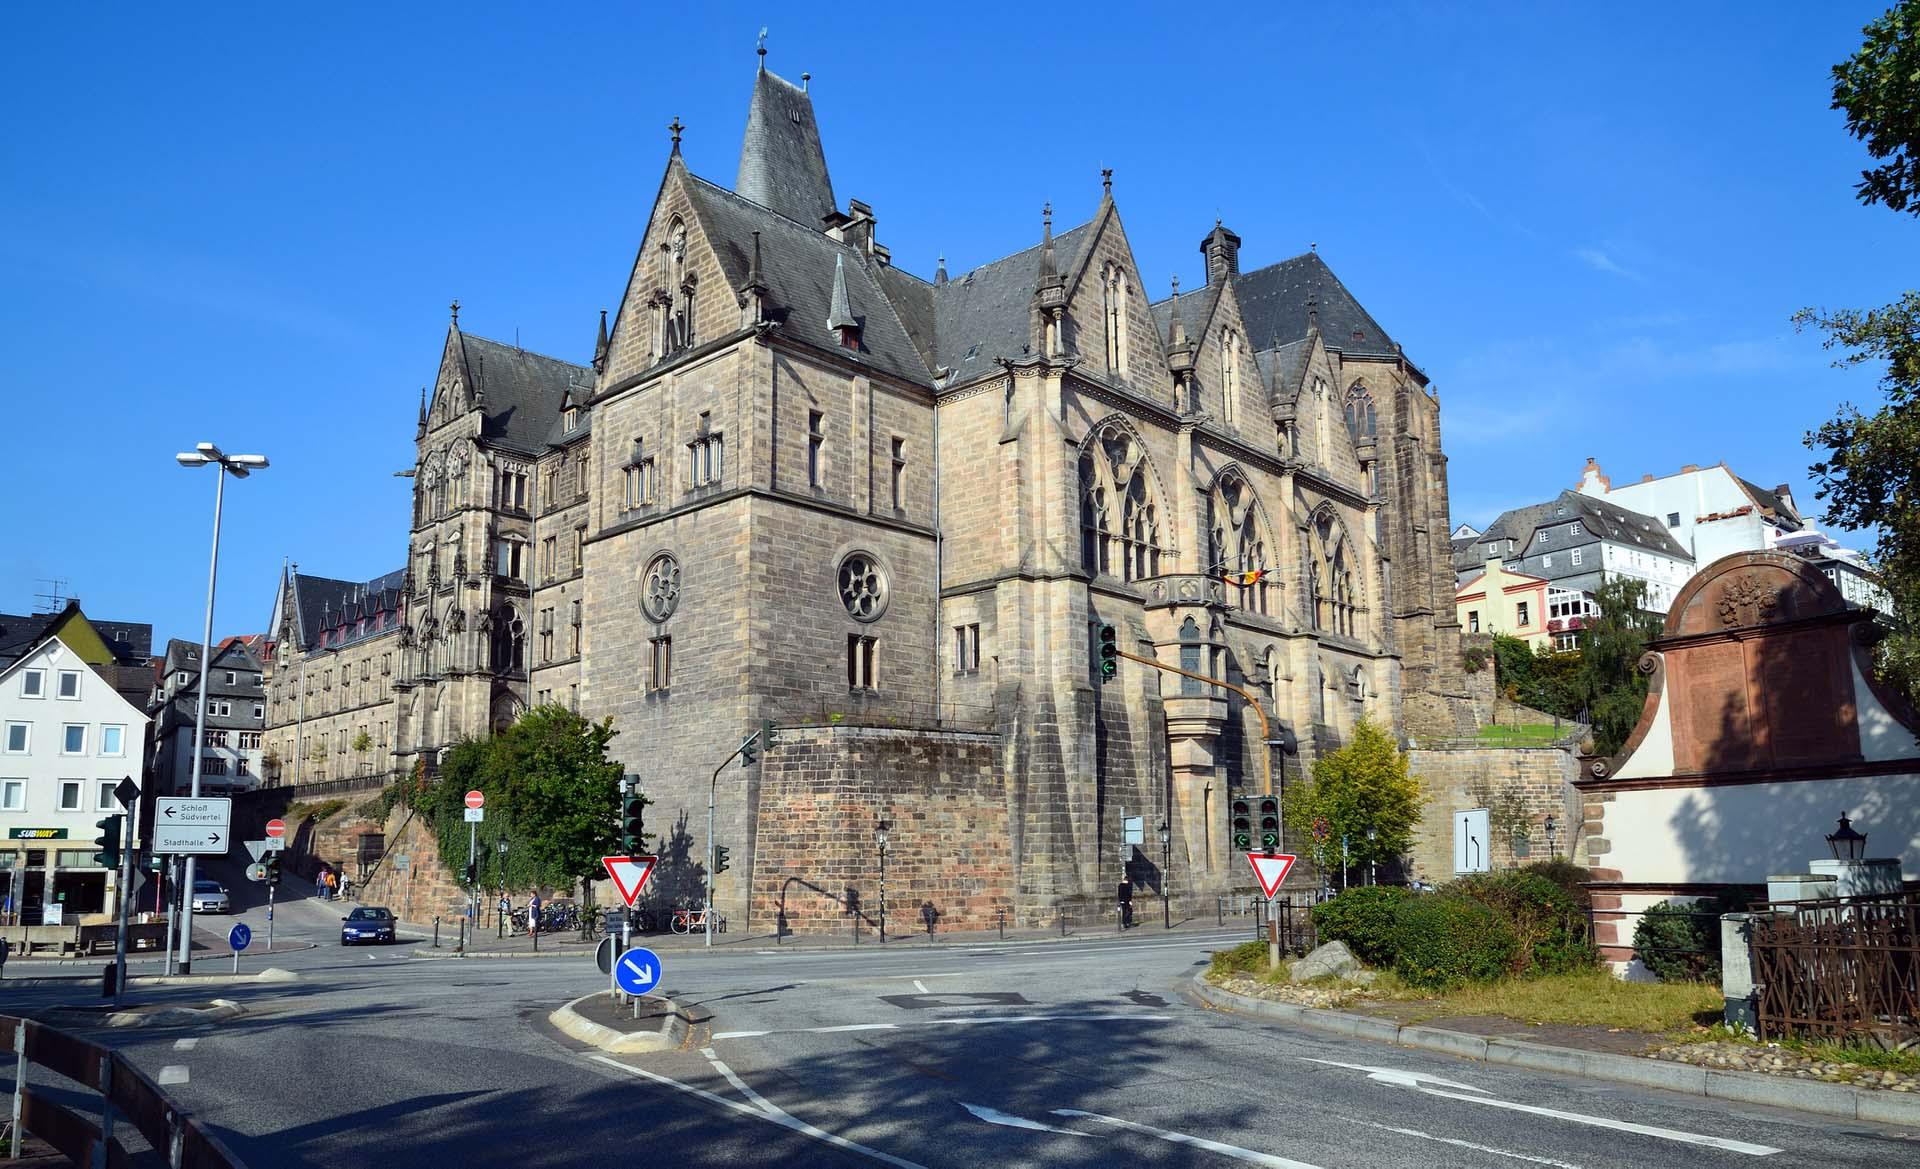 Philipps Marburg là trường đại học có phương pháp giáo dục đột phá cho người mù. Ảnh: marburgnet.